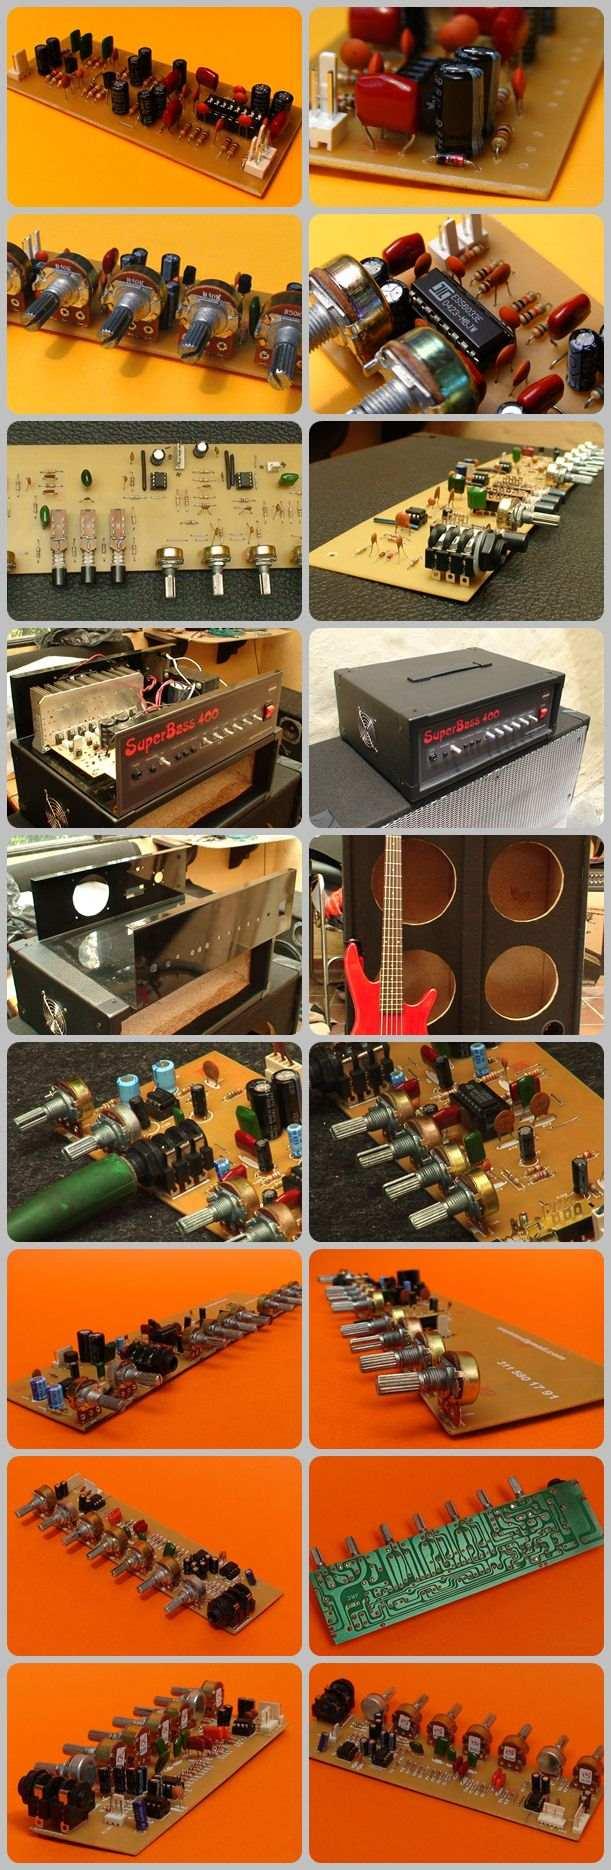 guitar-preamps-circuit-condenreverb-tile